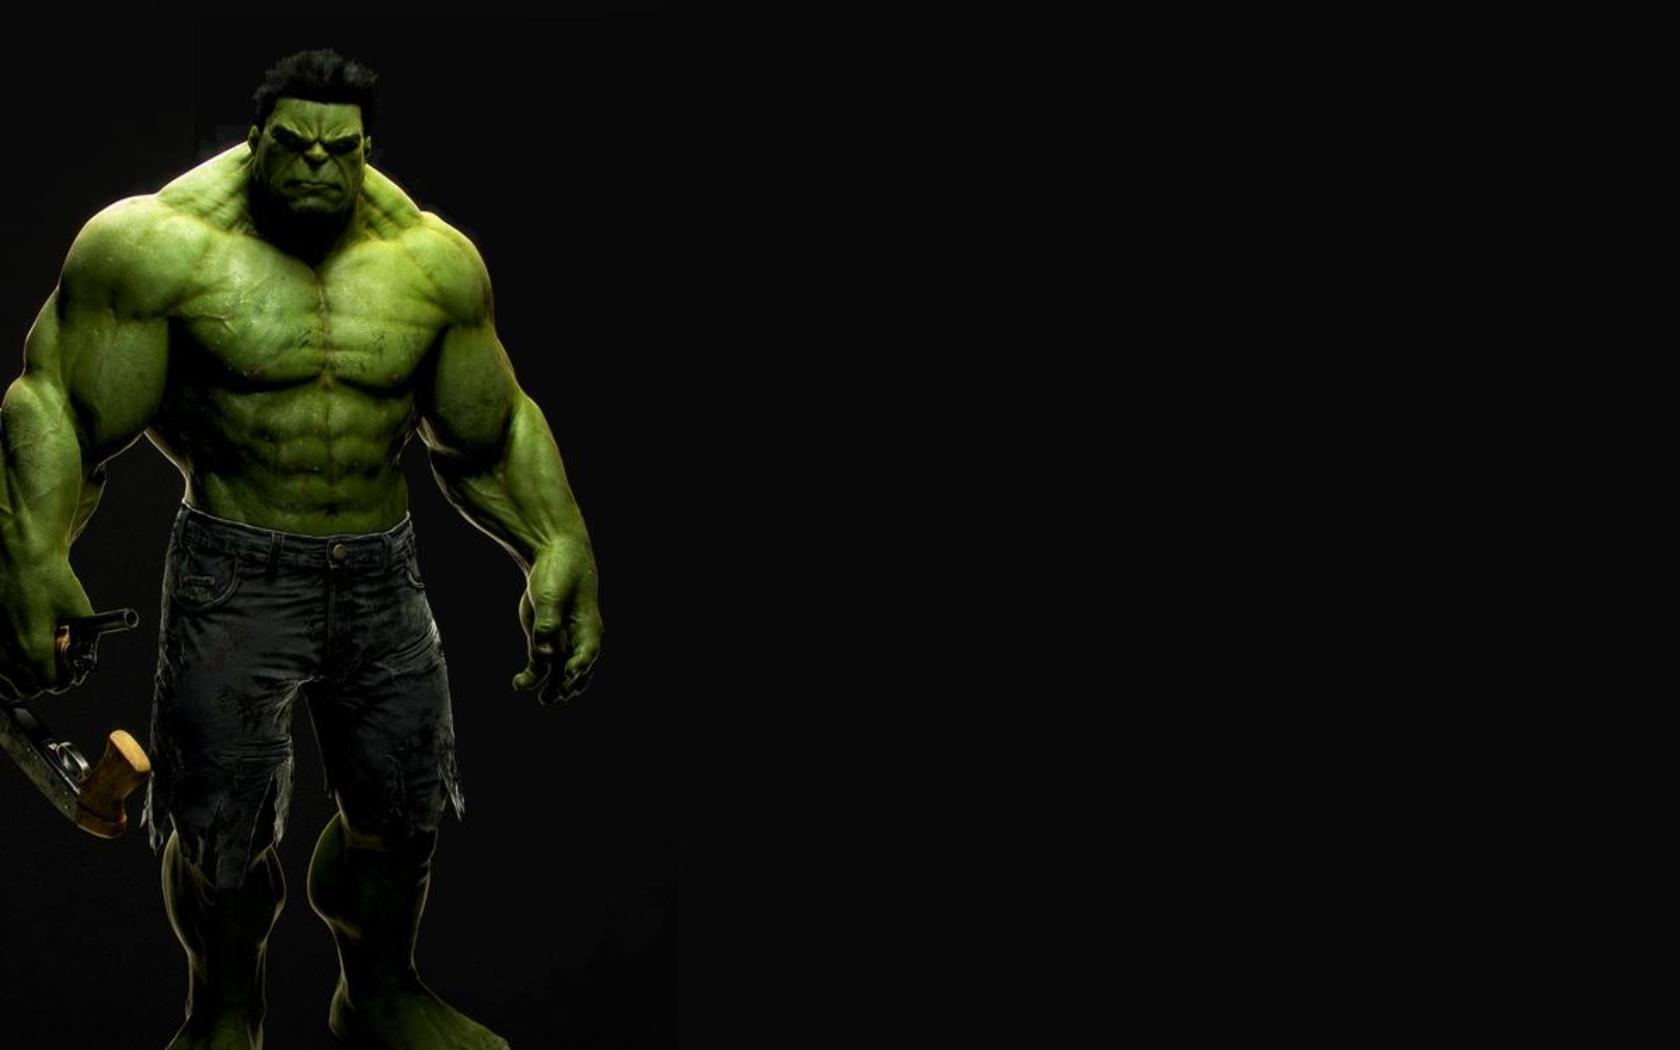 Dessins En Couleurs à Imprimer Spiderman Numéro 22321: Dessins En Couleurs à Imprimer : Hulk, Numéro : 11294